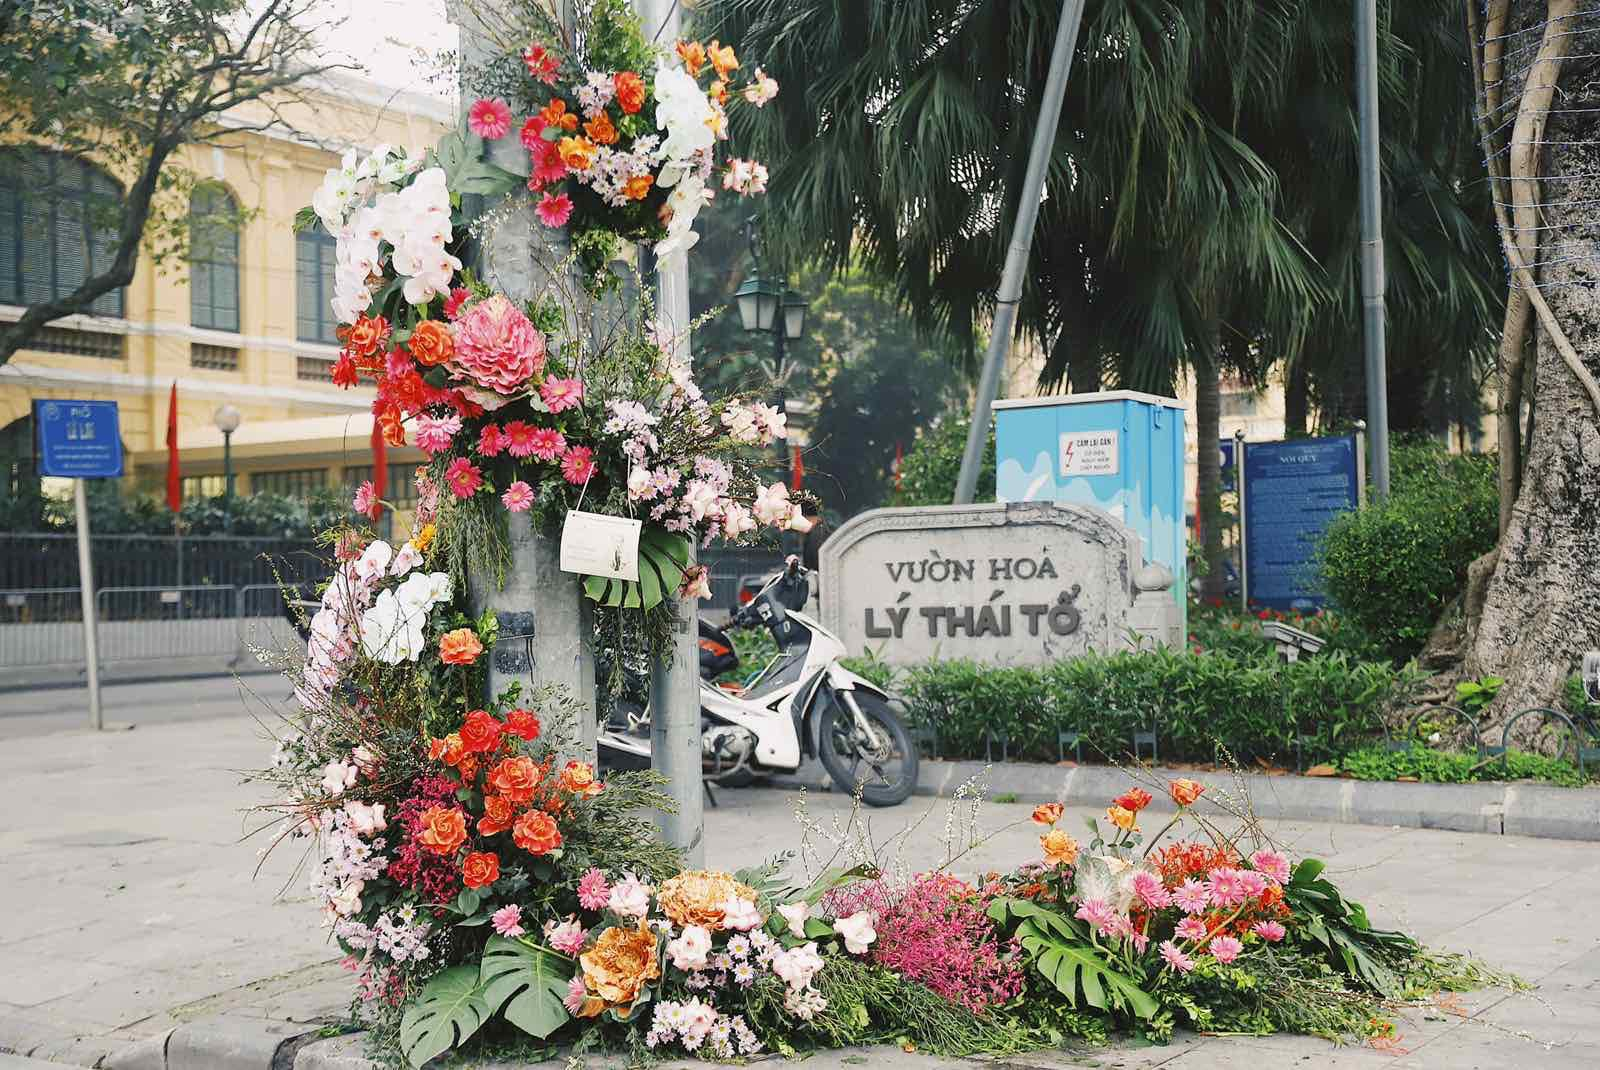 Spotlight ngày 8/3: Hàng loạt cột đèn ở Hà Nội 'nở hoa' khiến dân tình xỉu dọc, xỉu ngang 7